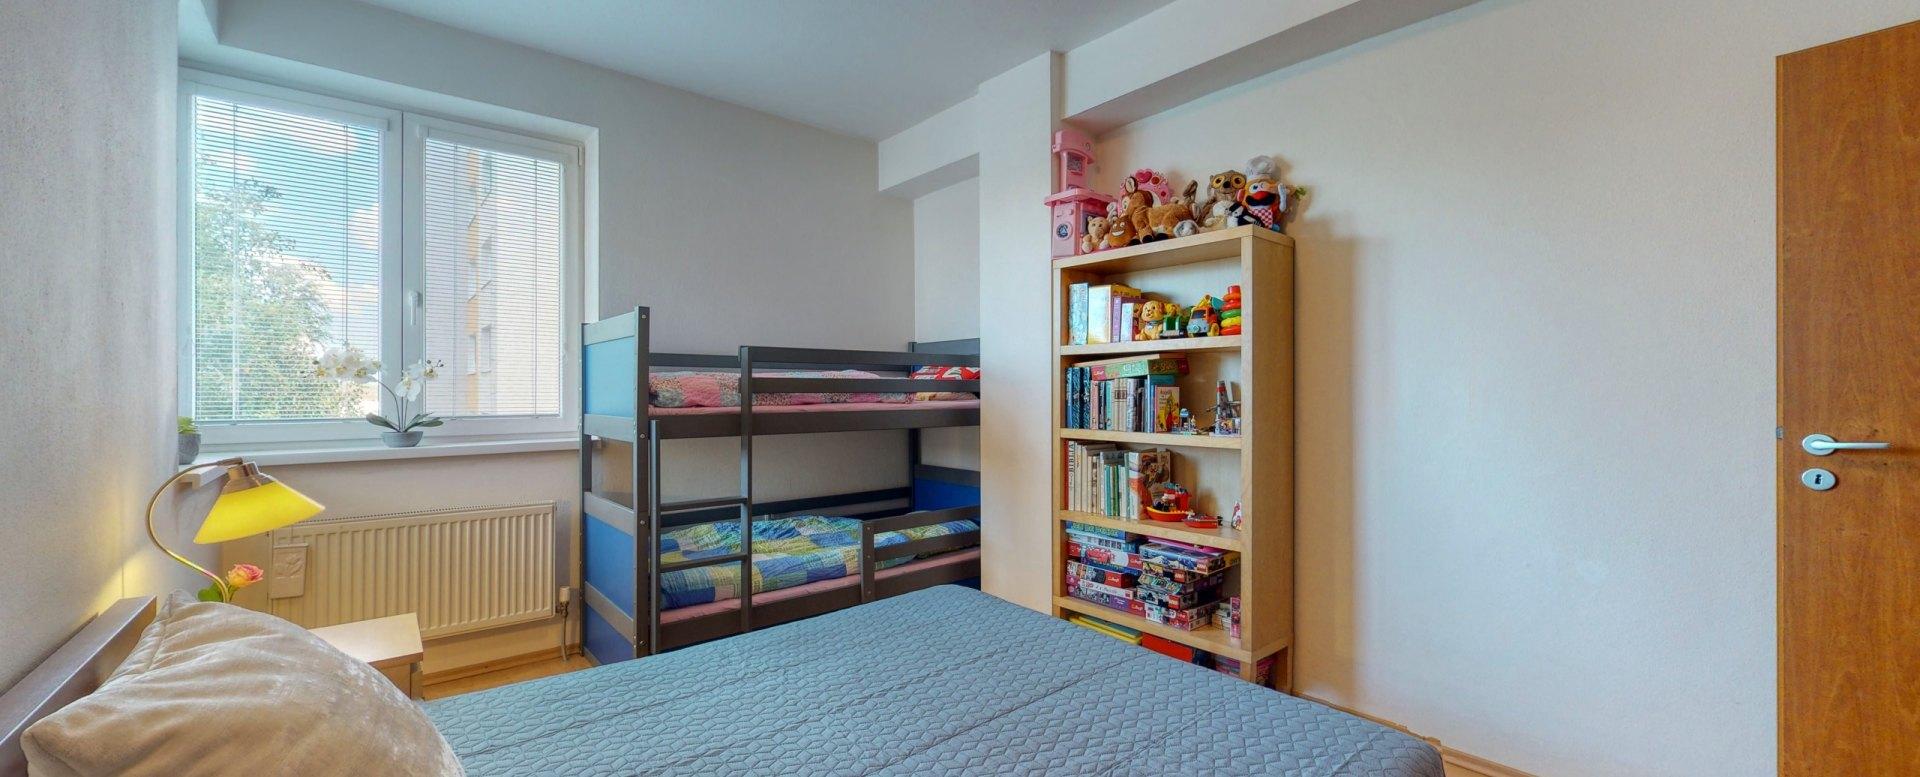 Spálňa s detským kútikom